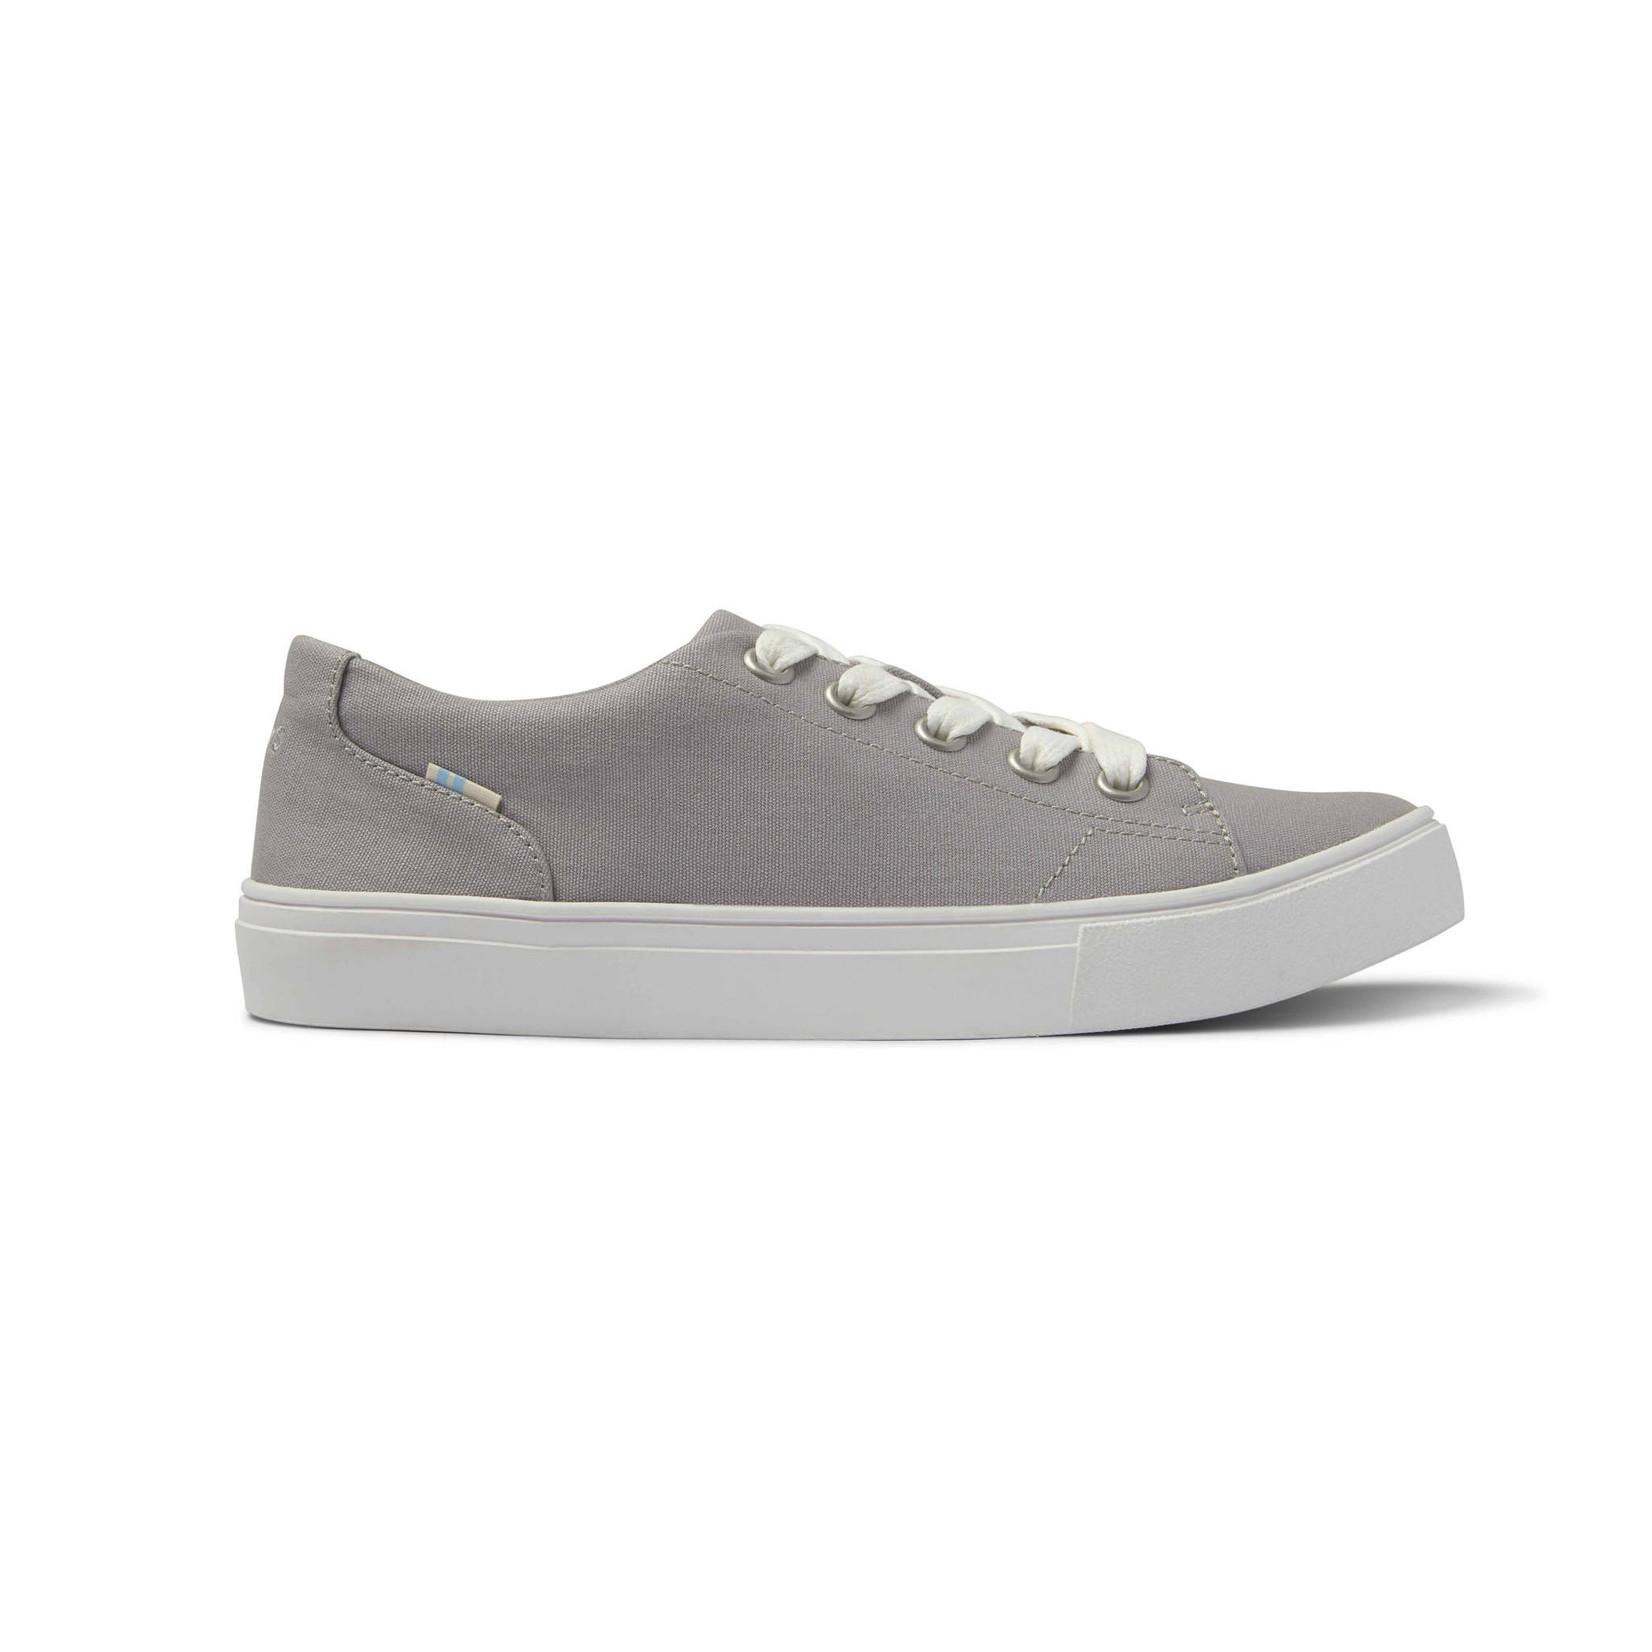 Toms Toms Casual Shoes, Alex, Ladies